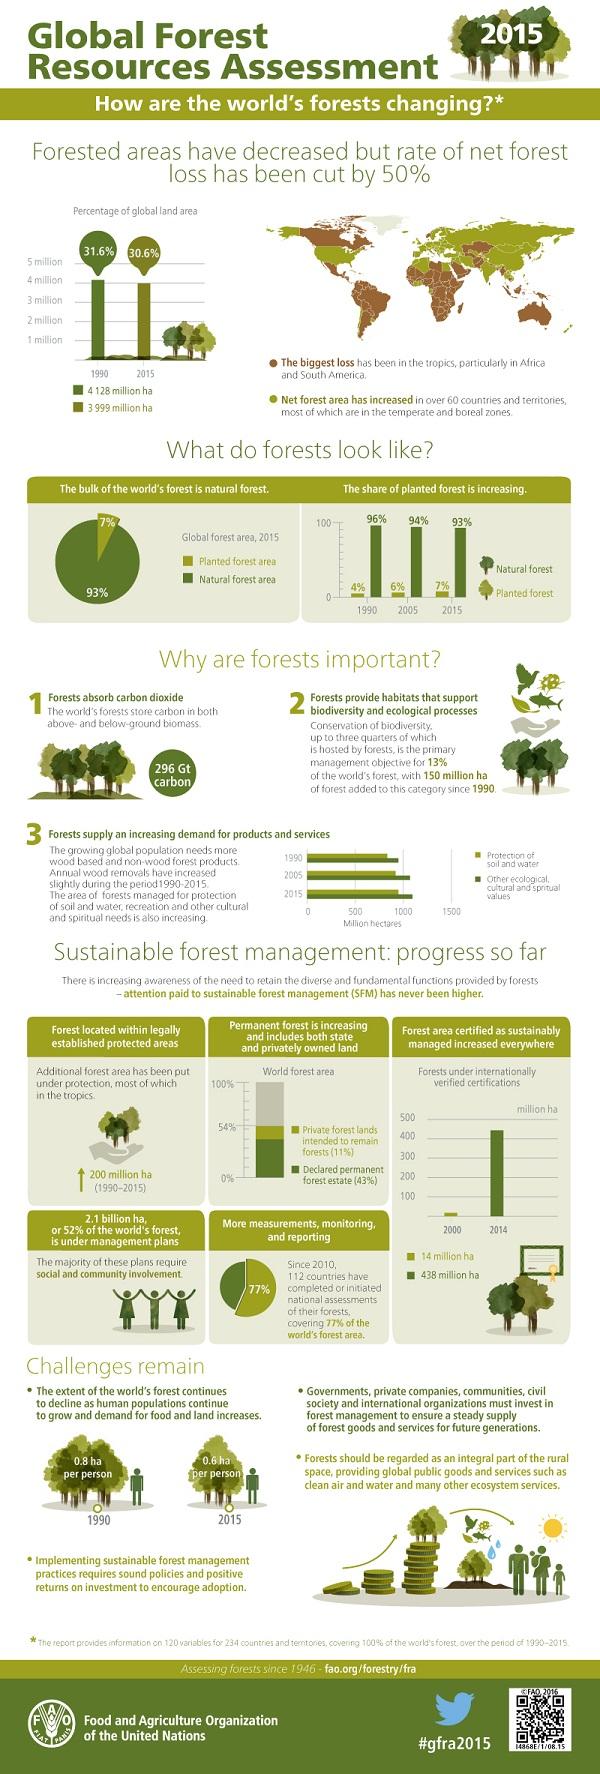 FAO-Infographic-GFRA2015-en 2